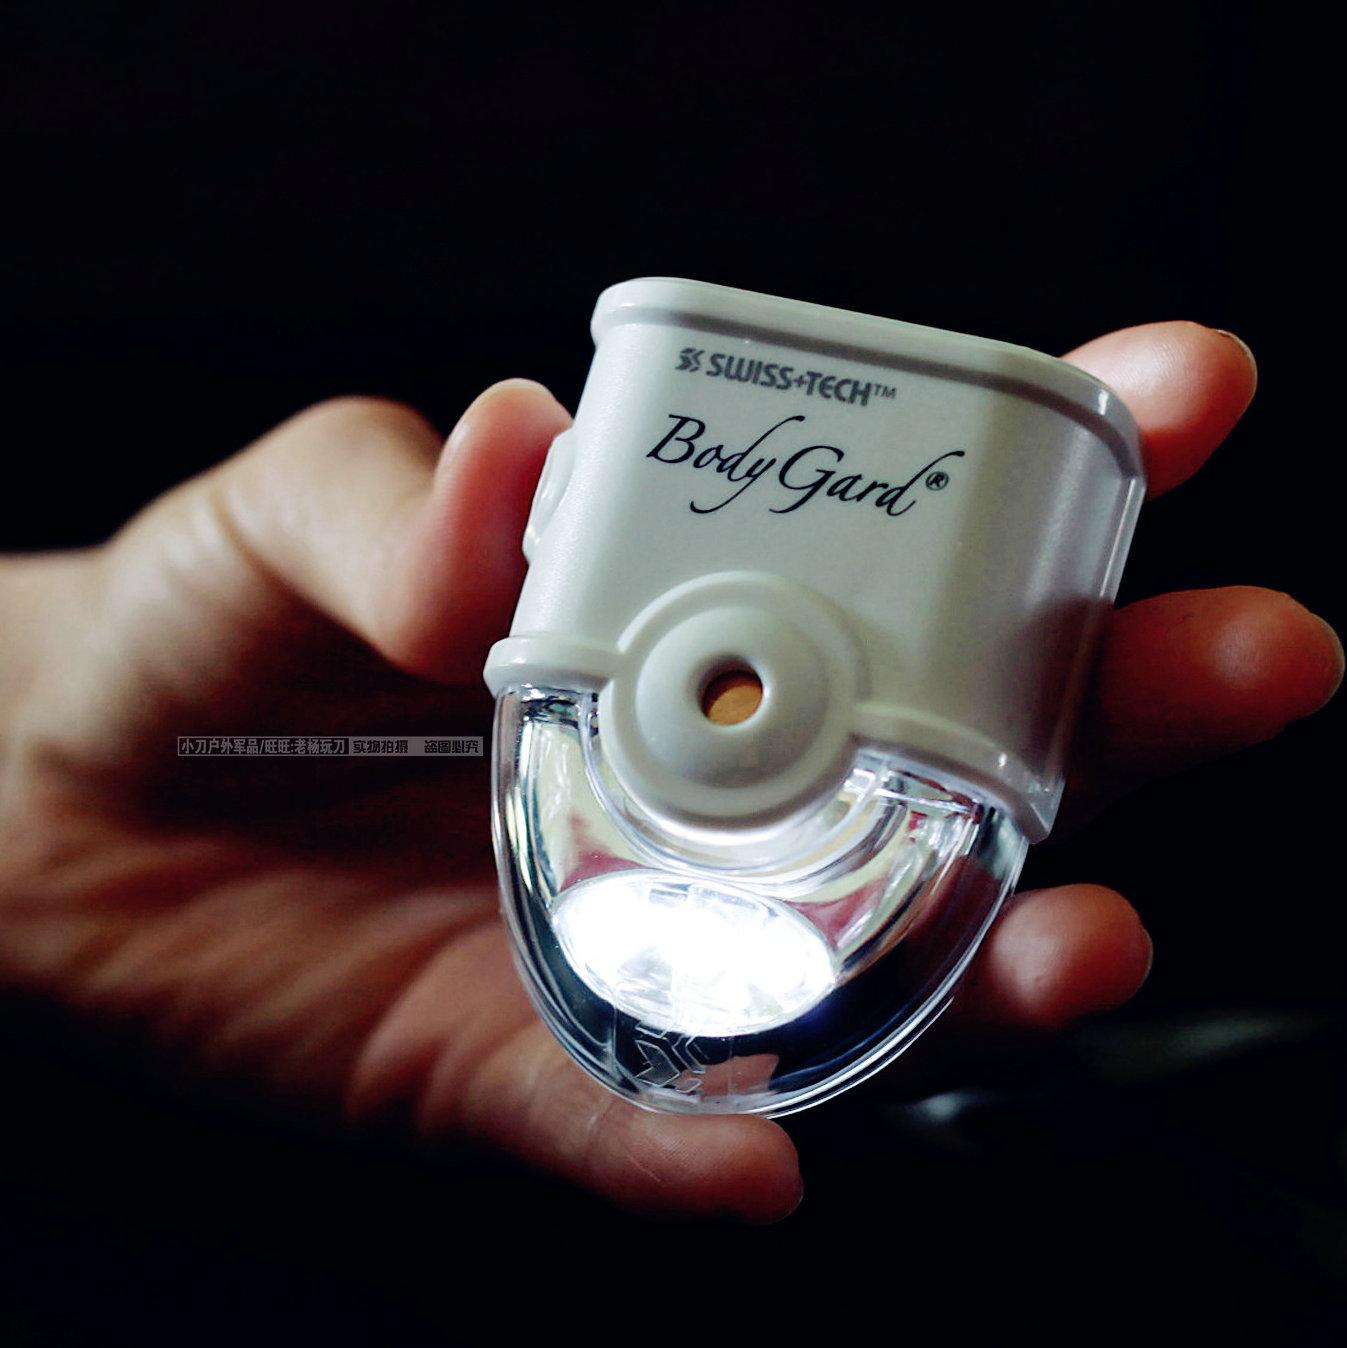 女子防狼器 防身武器 防身用品 瑞士科技创意钱包灯防身警报器